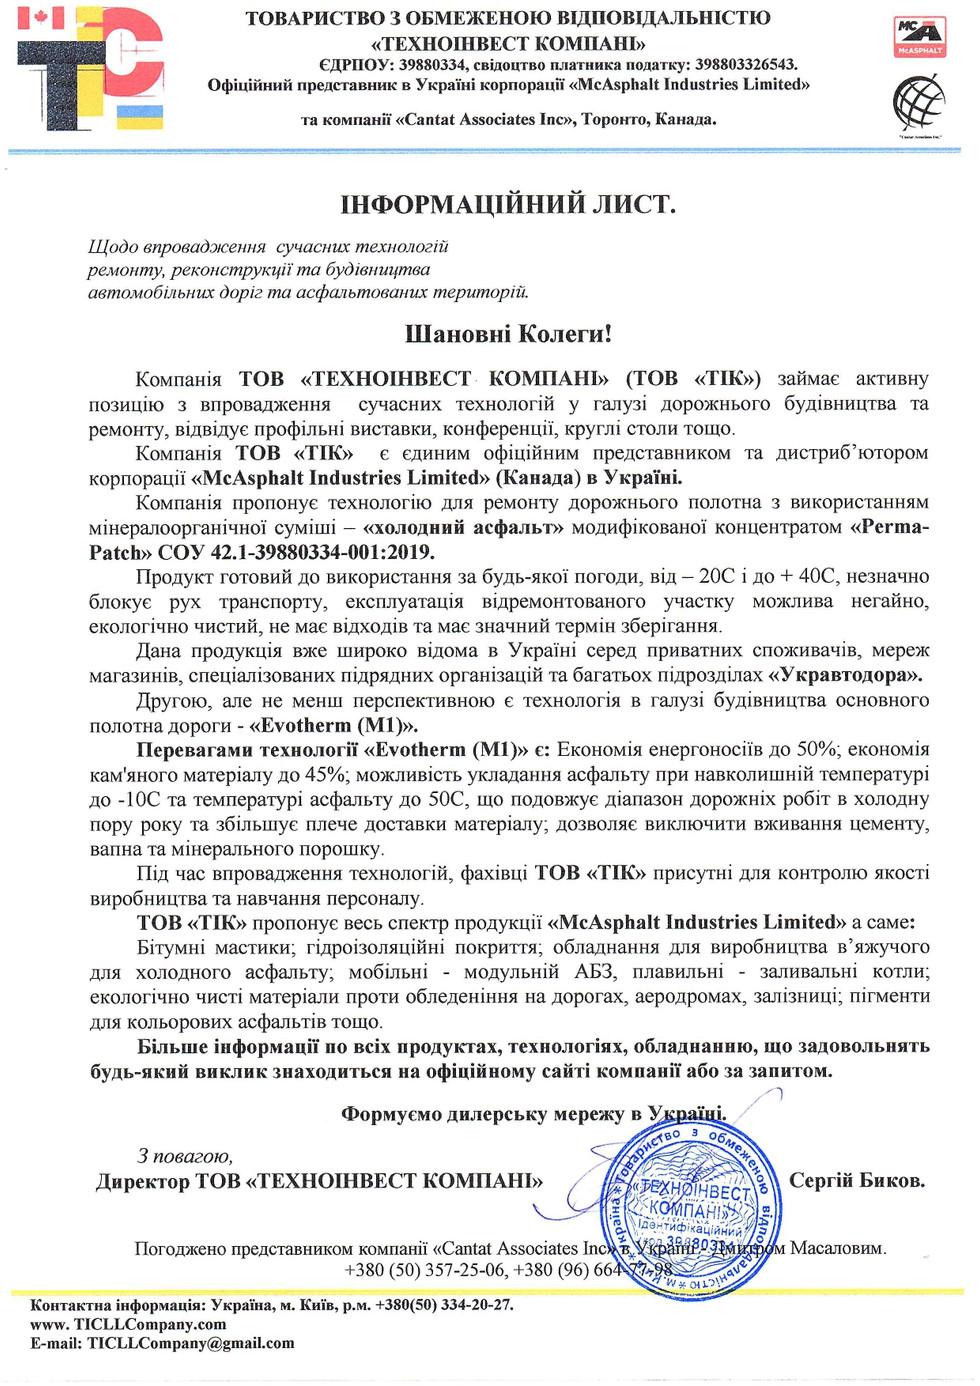 0047_ІНФОРМАЦІЙНИЙ ЛИСТ КОМПАНІЇ._pages-